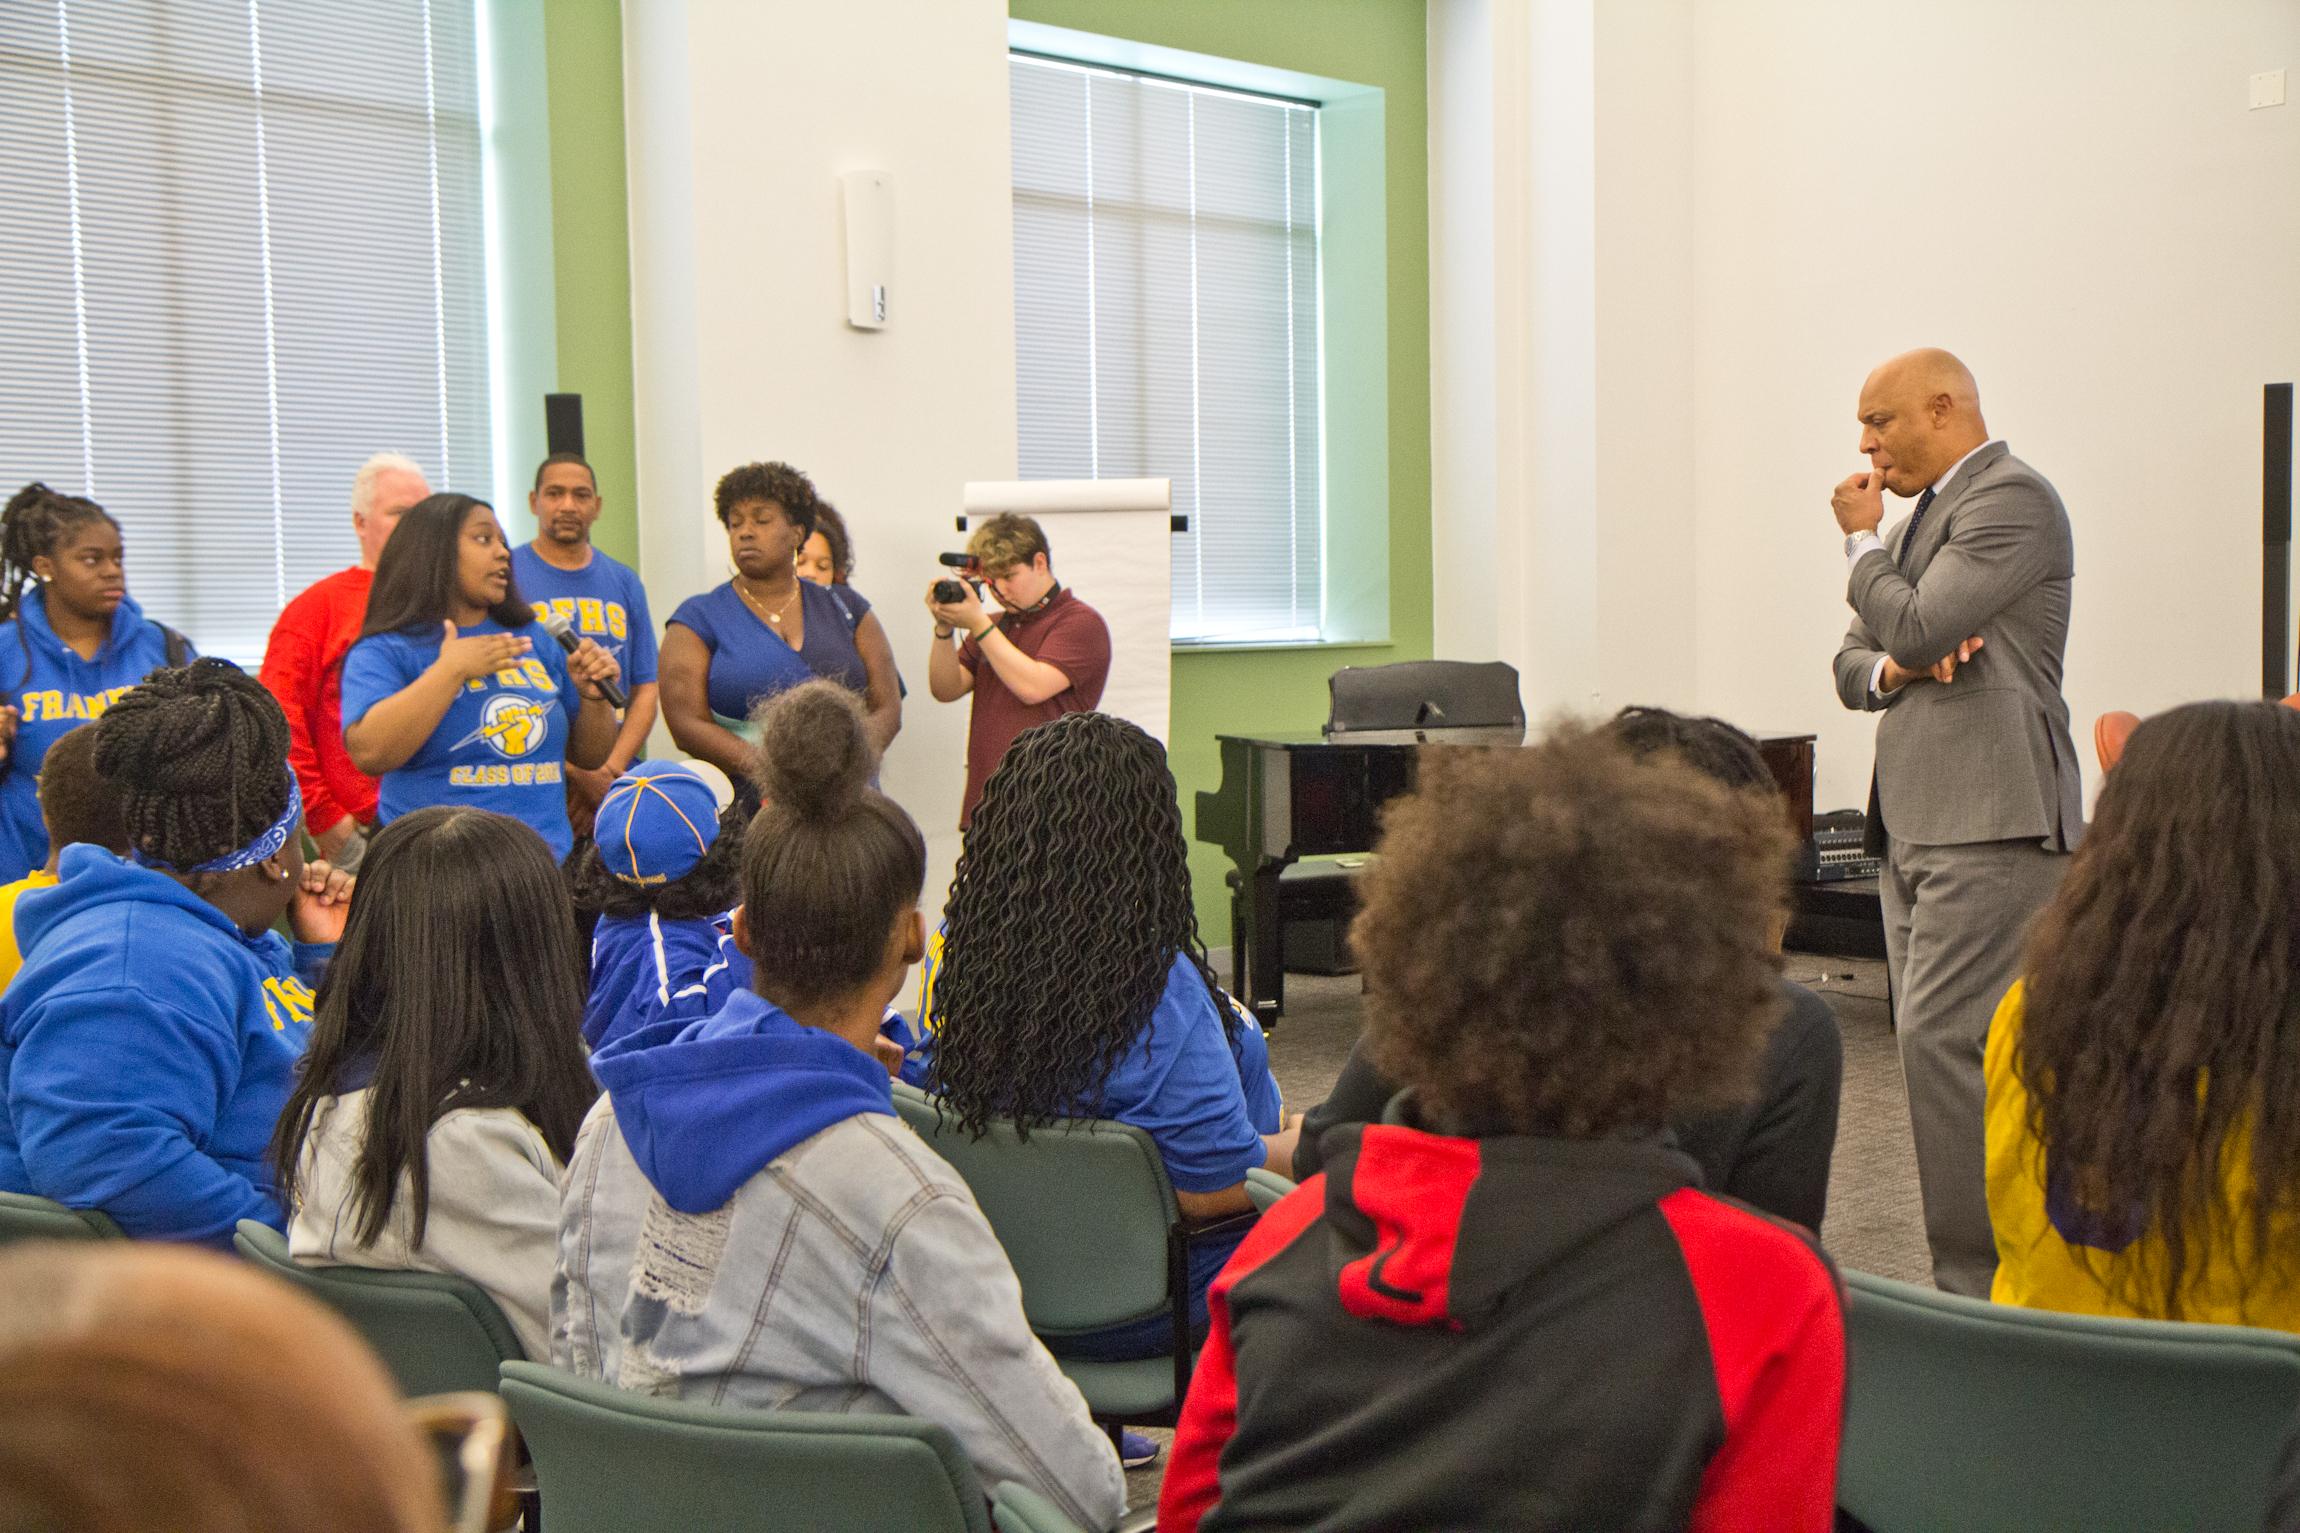 2019 10 07 k paynter school abestos meeting 6 - Ben Franklin, SLA to close for months amid asbestos concerns